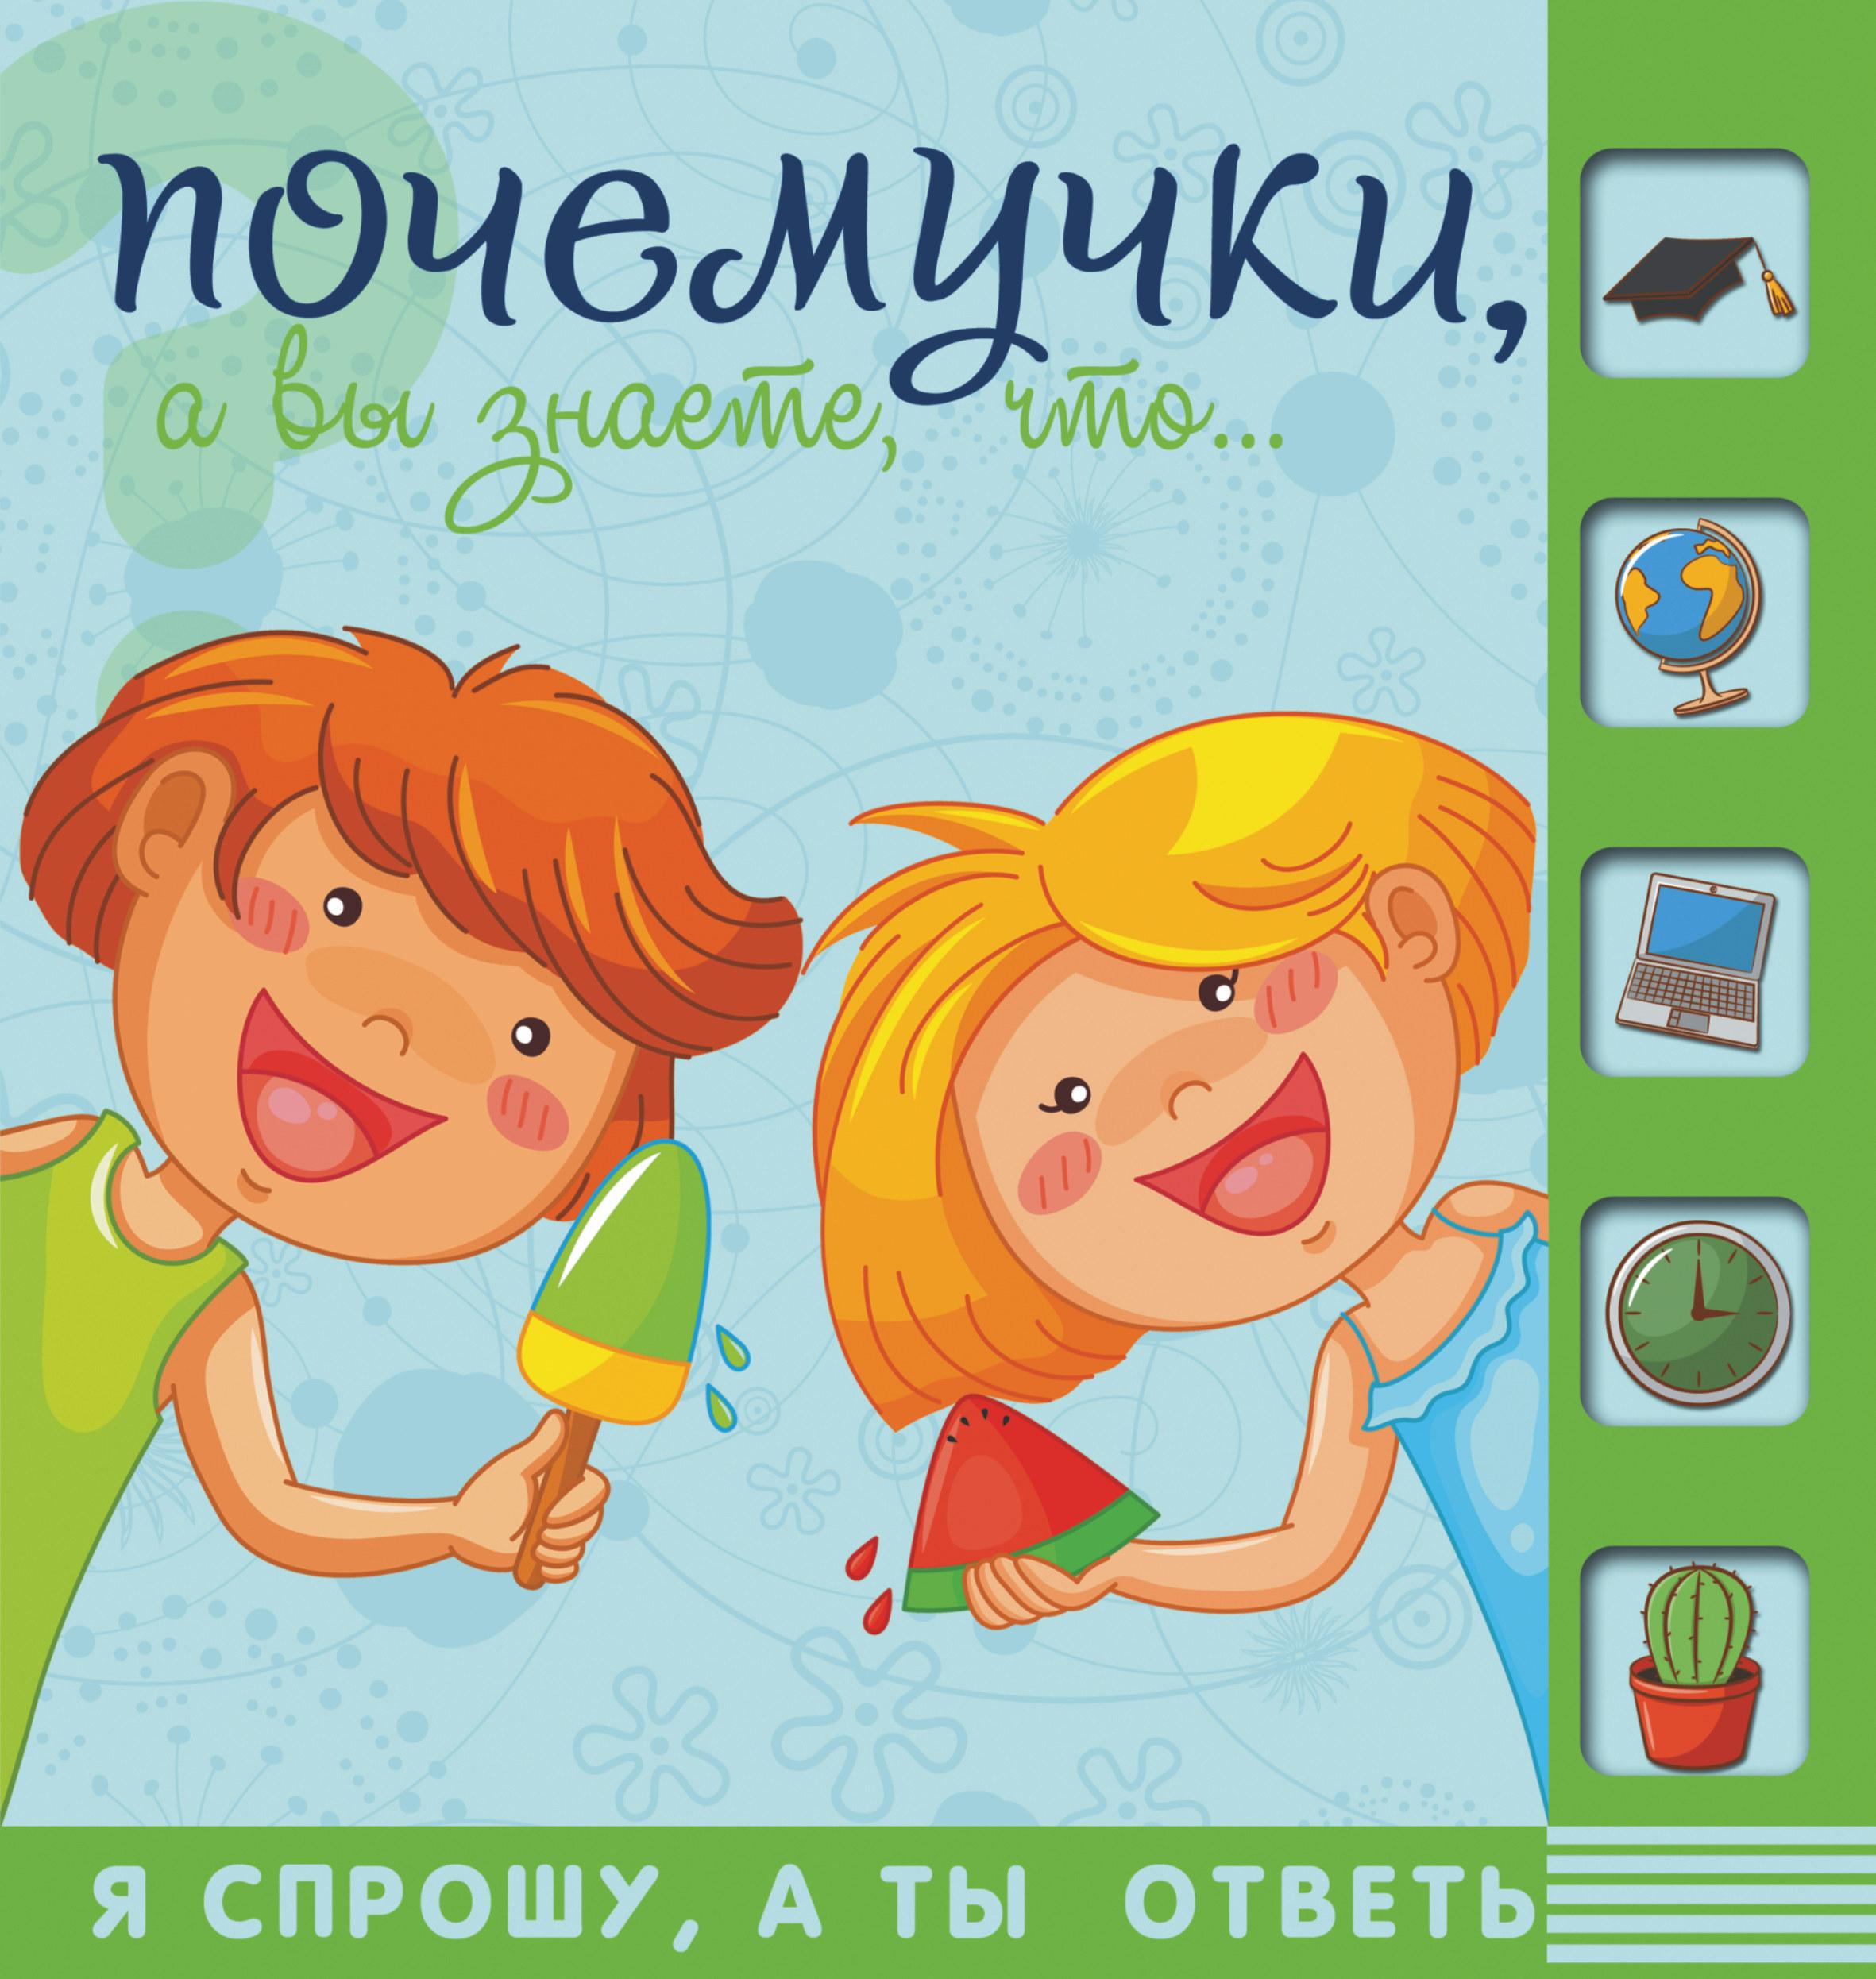 Почемучки, знаете ли Вы, что… от book24.ru